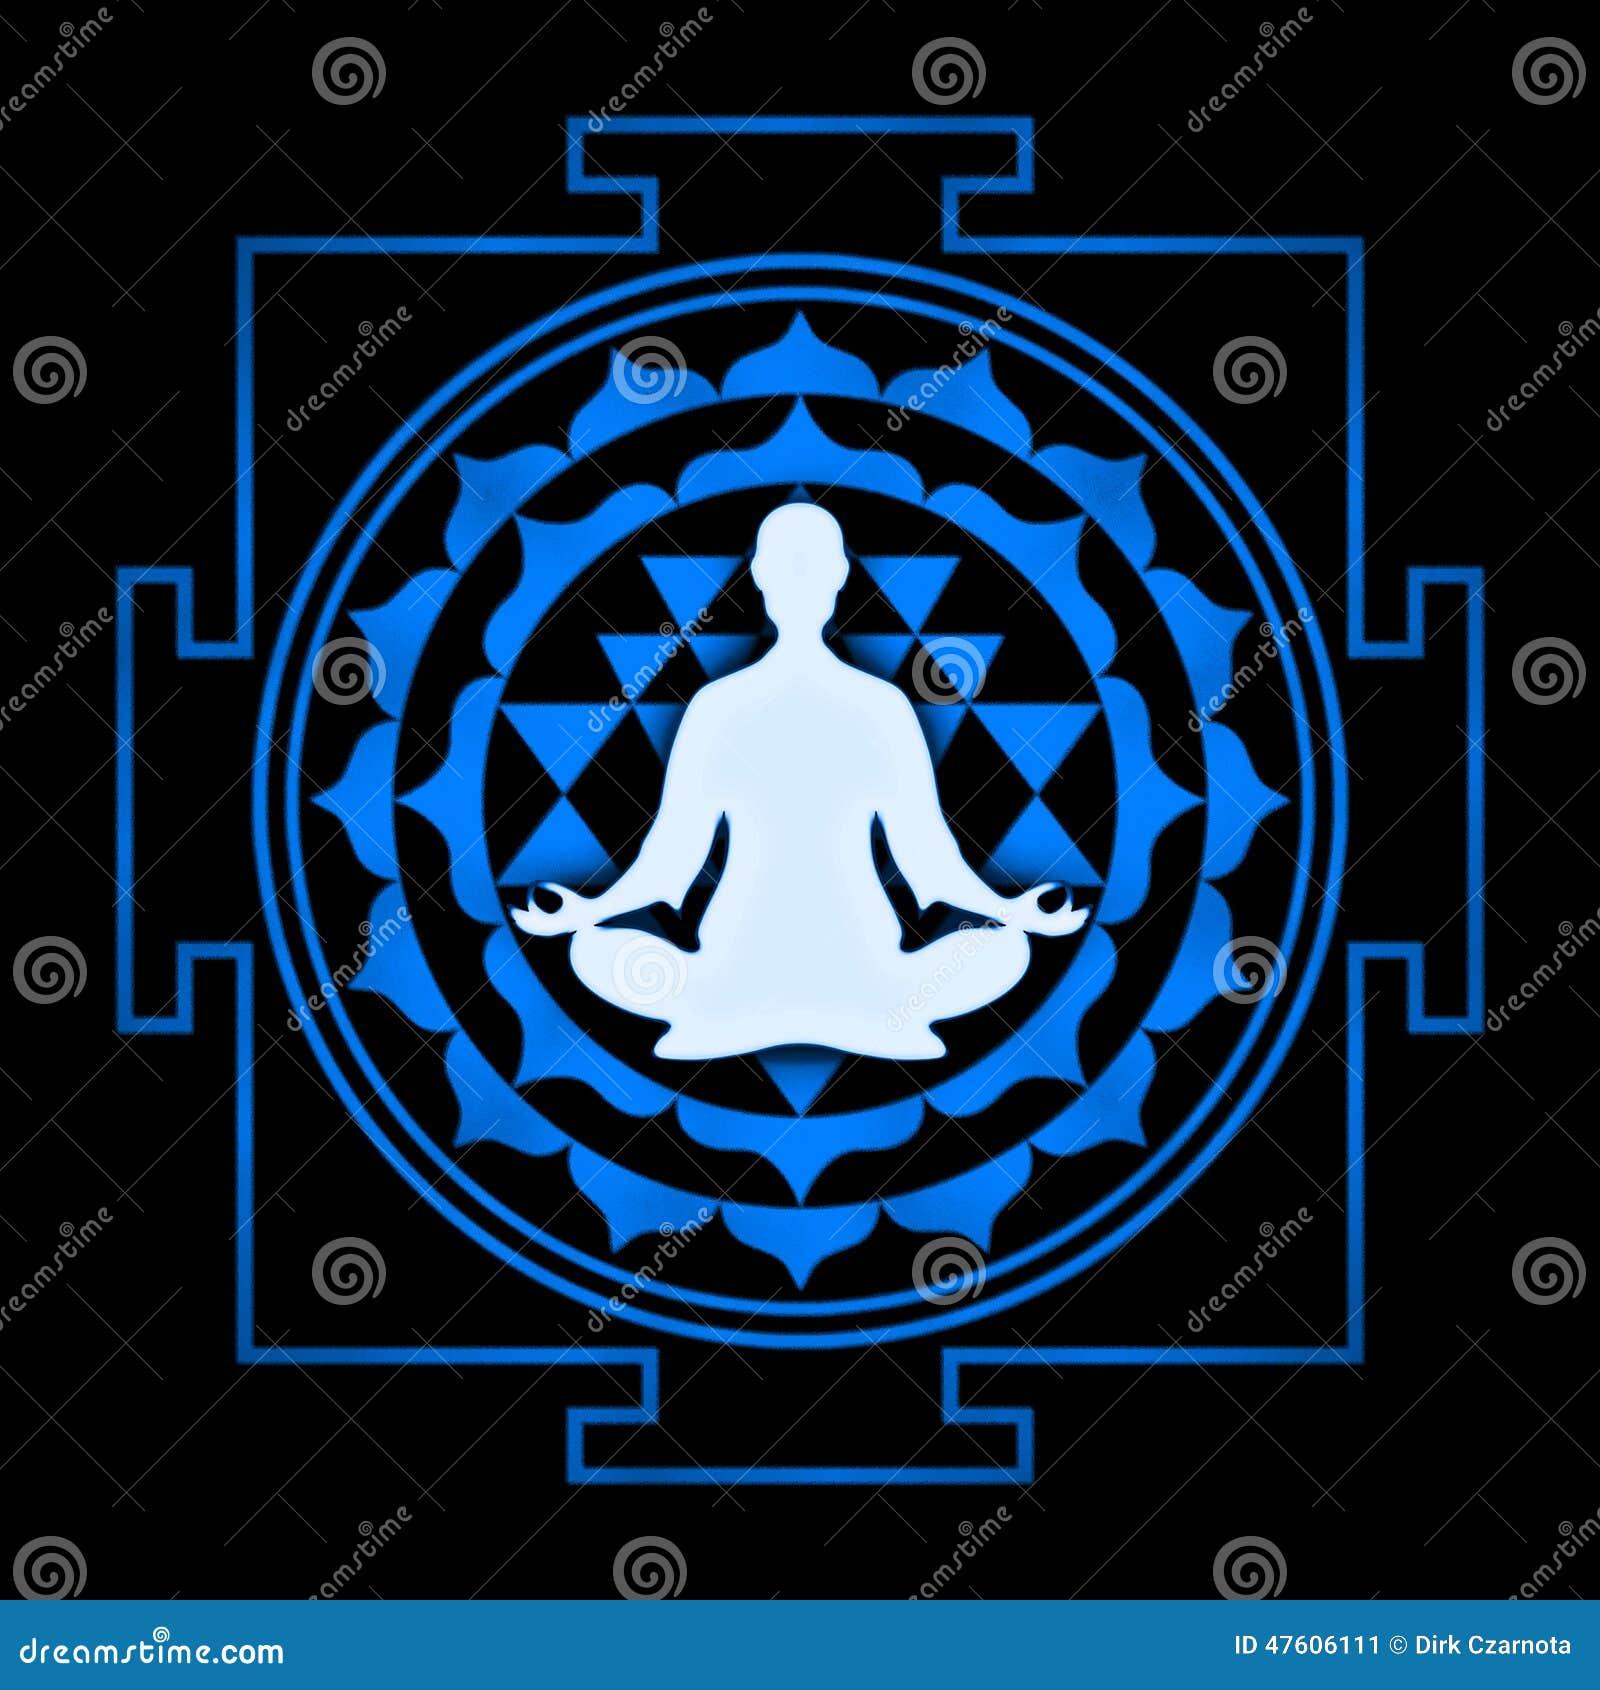 Sri Yantra Meditation stock illustration  Illustration of sriyantra